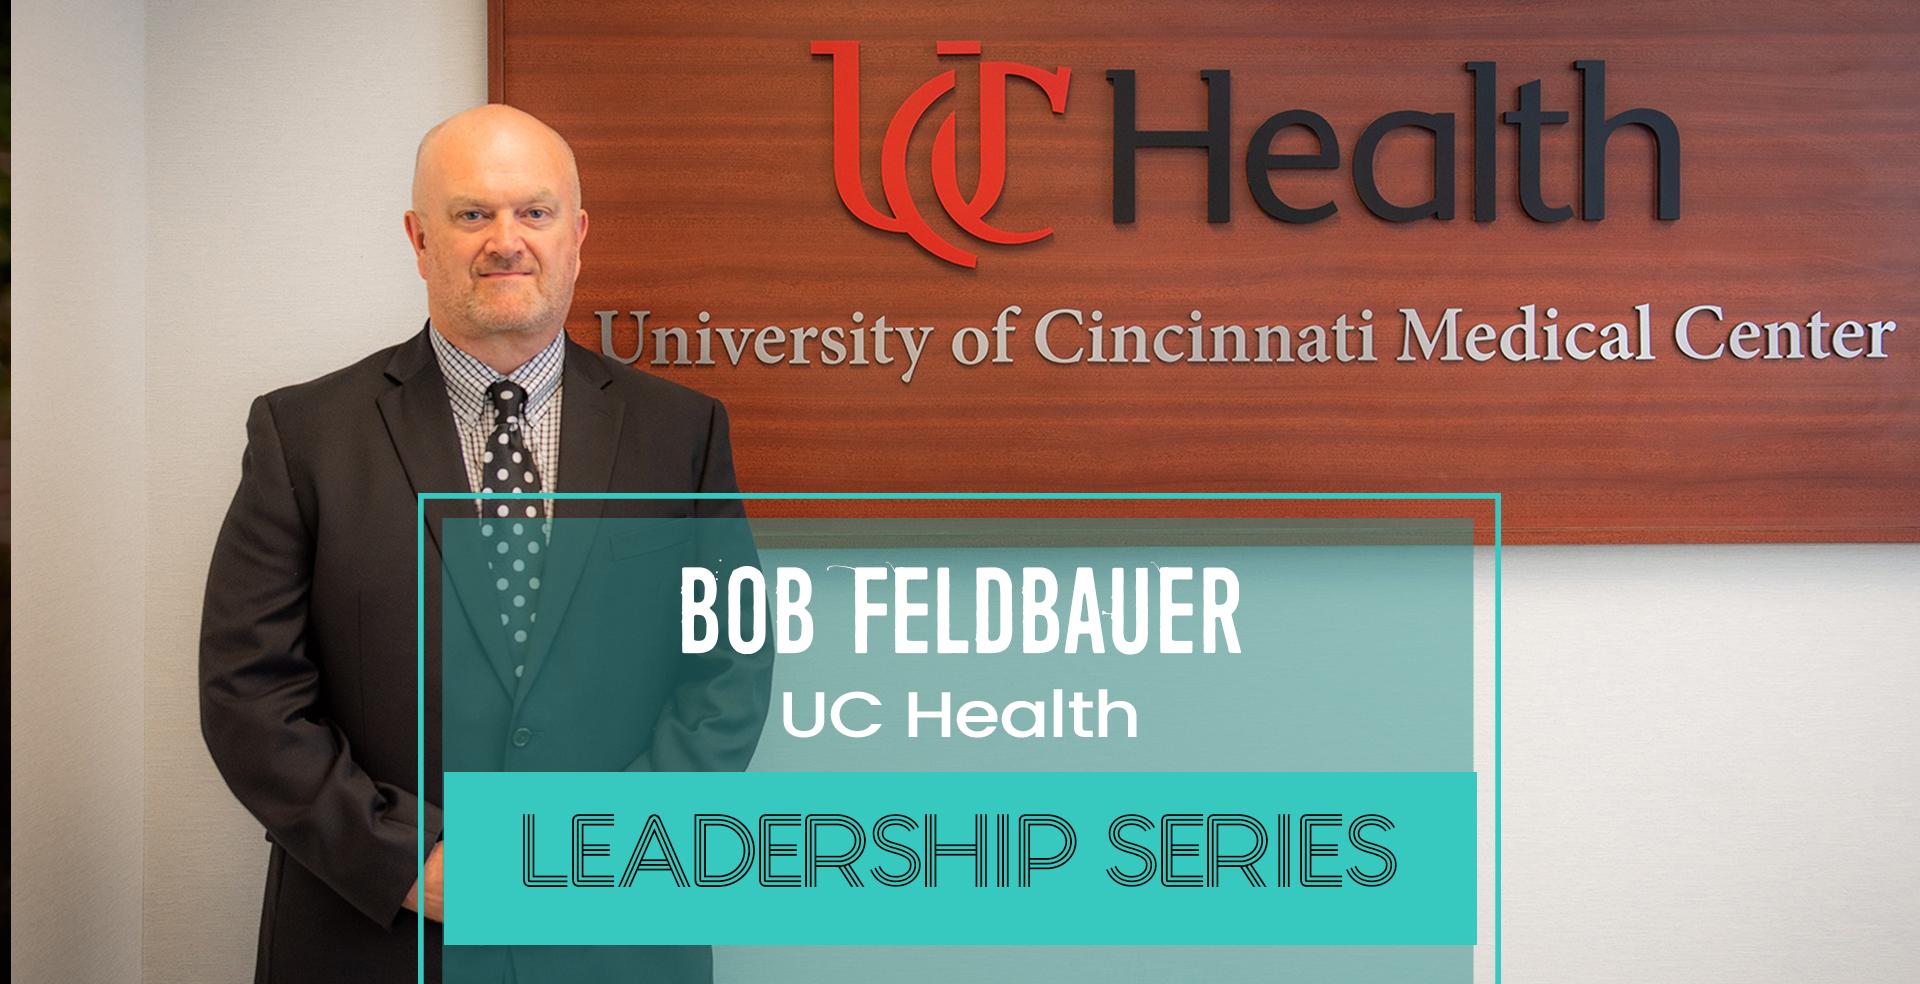 https://cdn2.hubspot.net/hubfs/1564584/Bob-Feldbauer-HealthSpaces-1.png